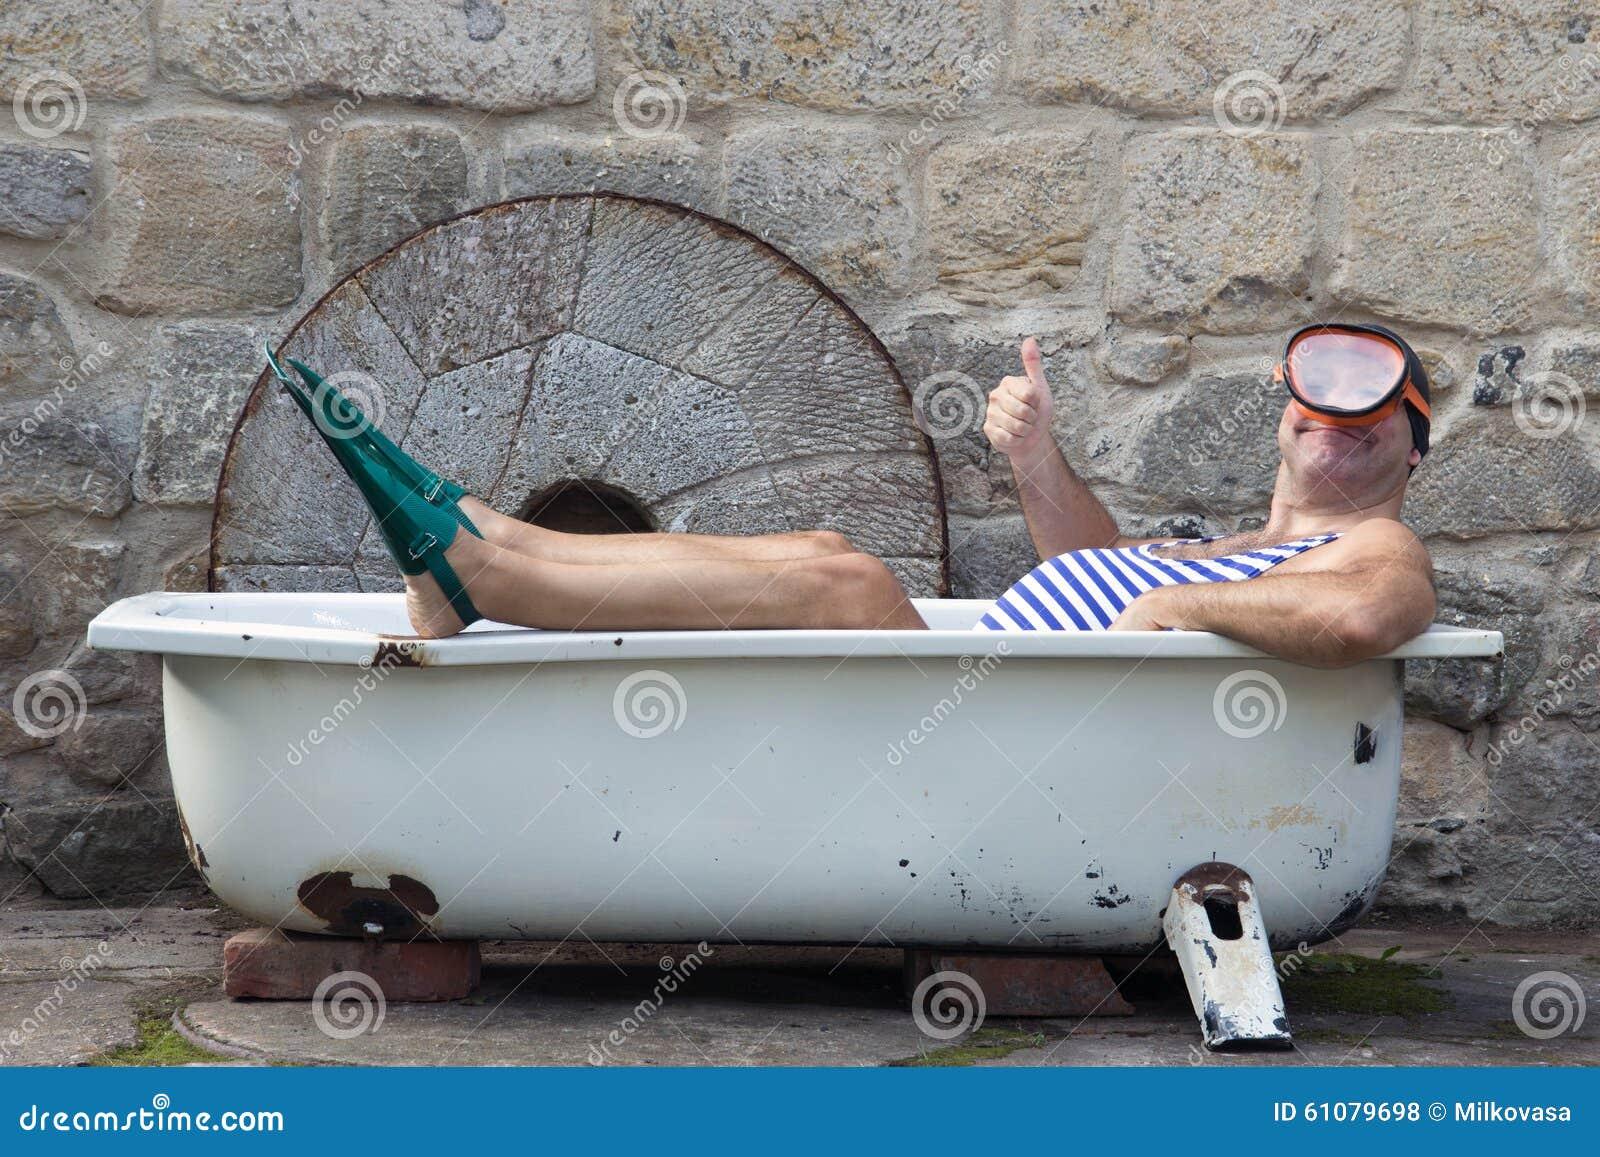 mann mit dem schnorcheln des gangs in der badewanne stockfoto bild von geste stimmung 61079698. Black Bedroom Furniture Sets. Home Design Ideas